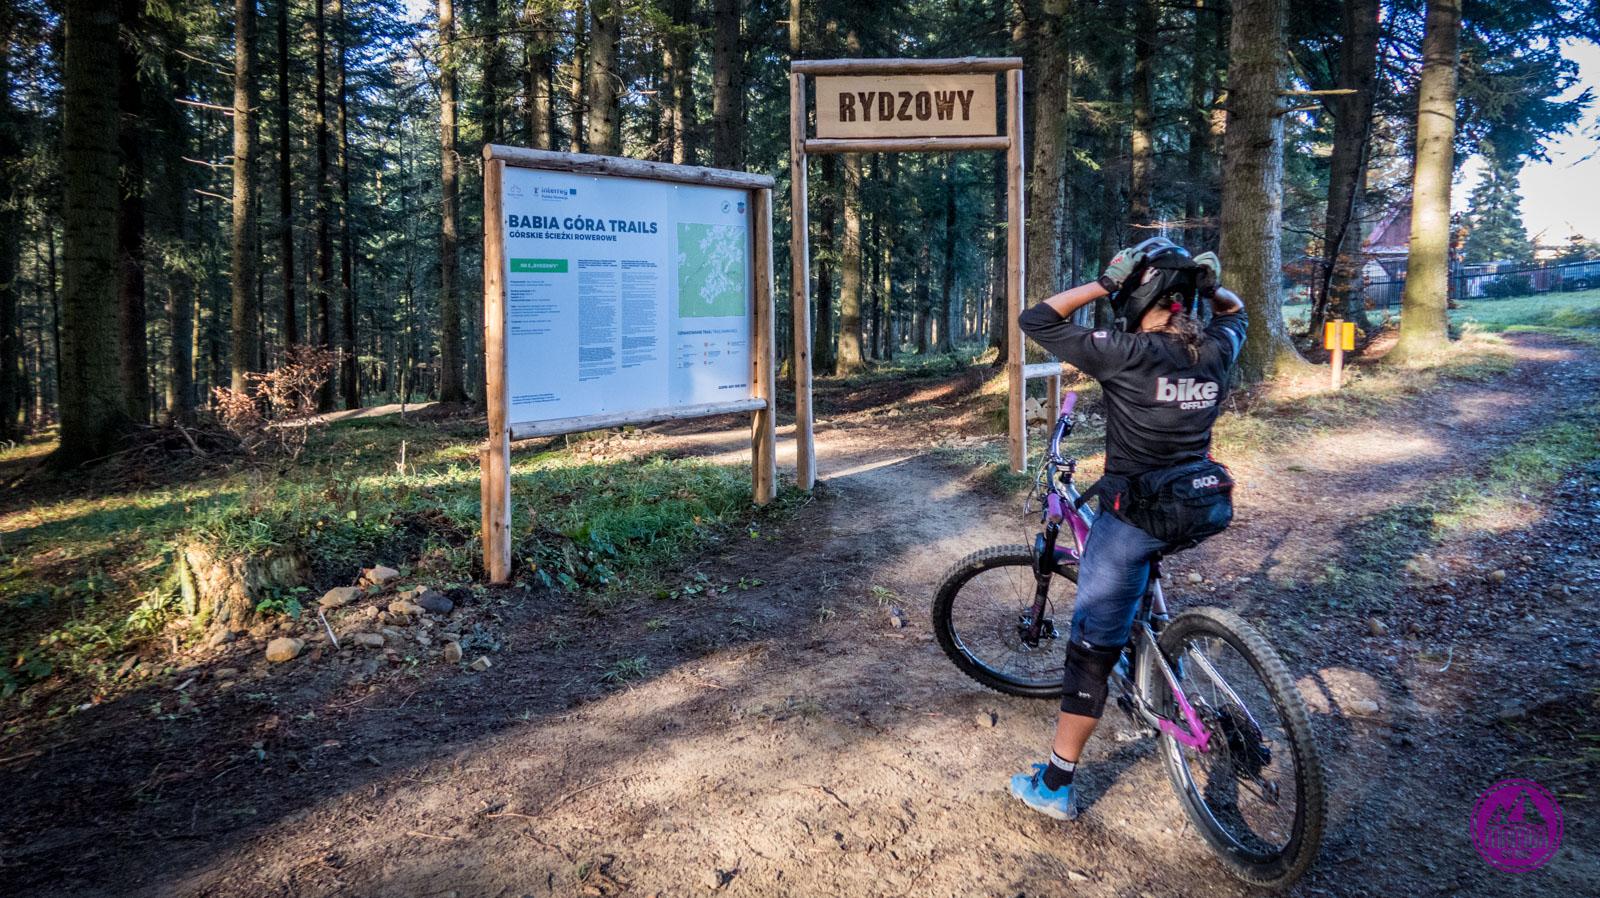 Babia Góra Trails - Rydzowy